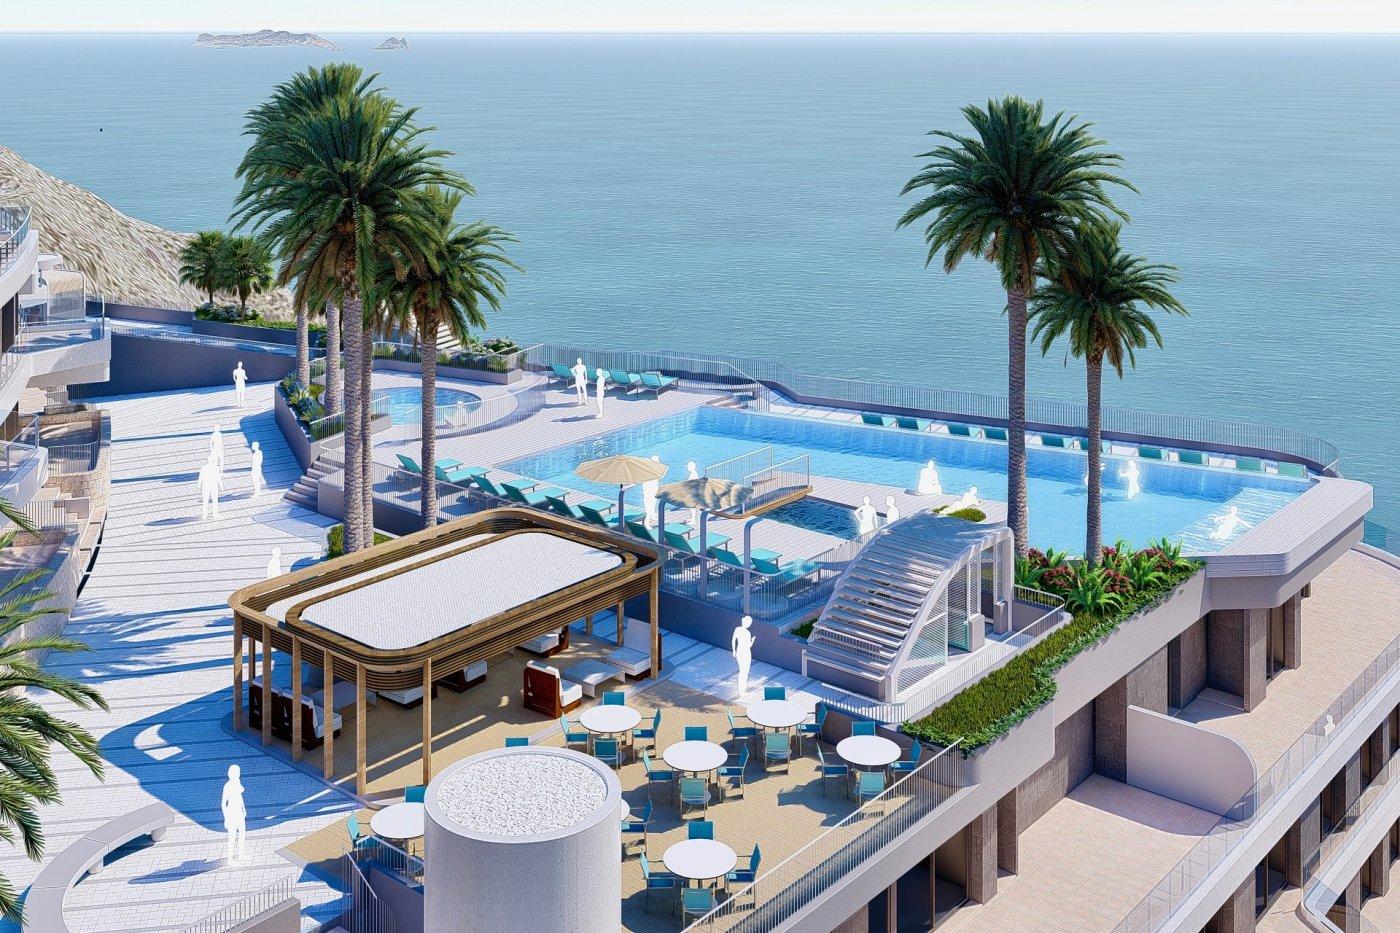 Galleribillede 14 of Exceptionel 2 etagers 4 vær luksus lejlighed, panorama udsigt, 58 m2 og 24 m2 solterrasser